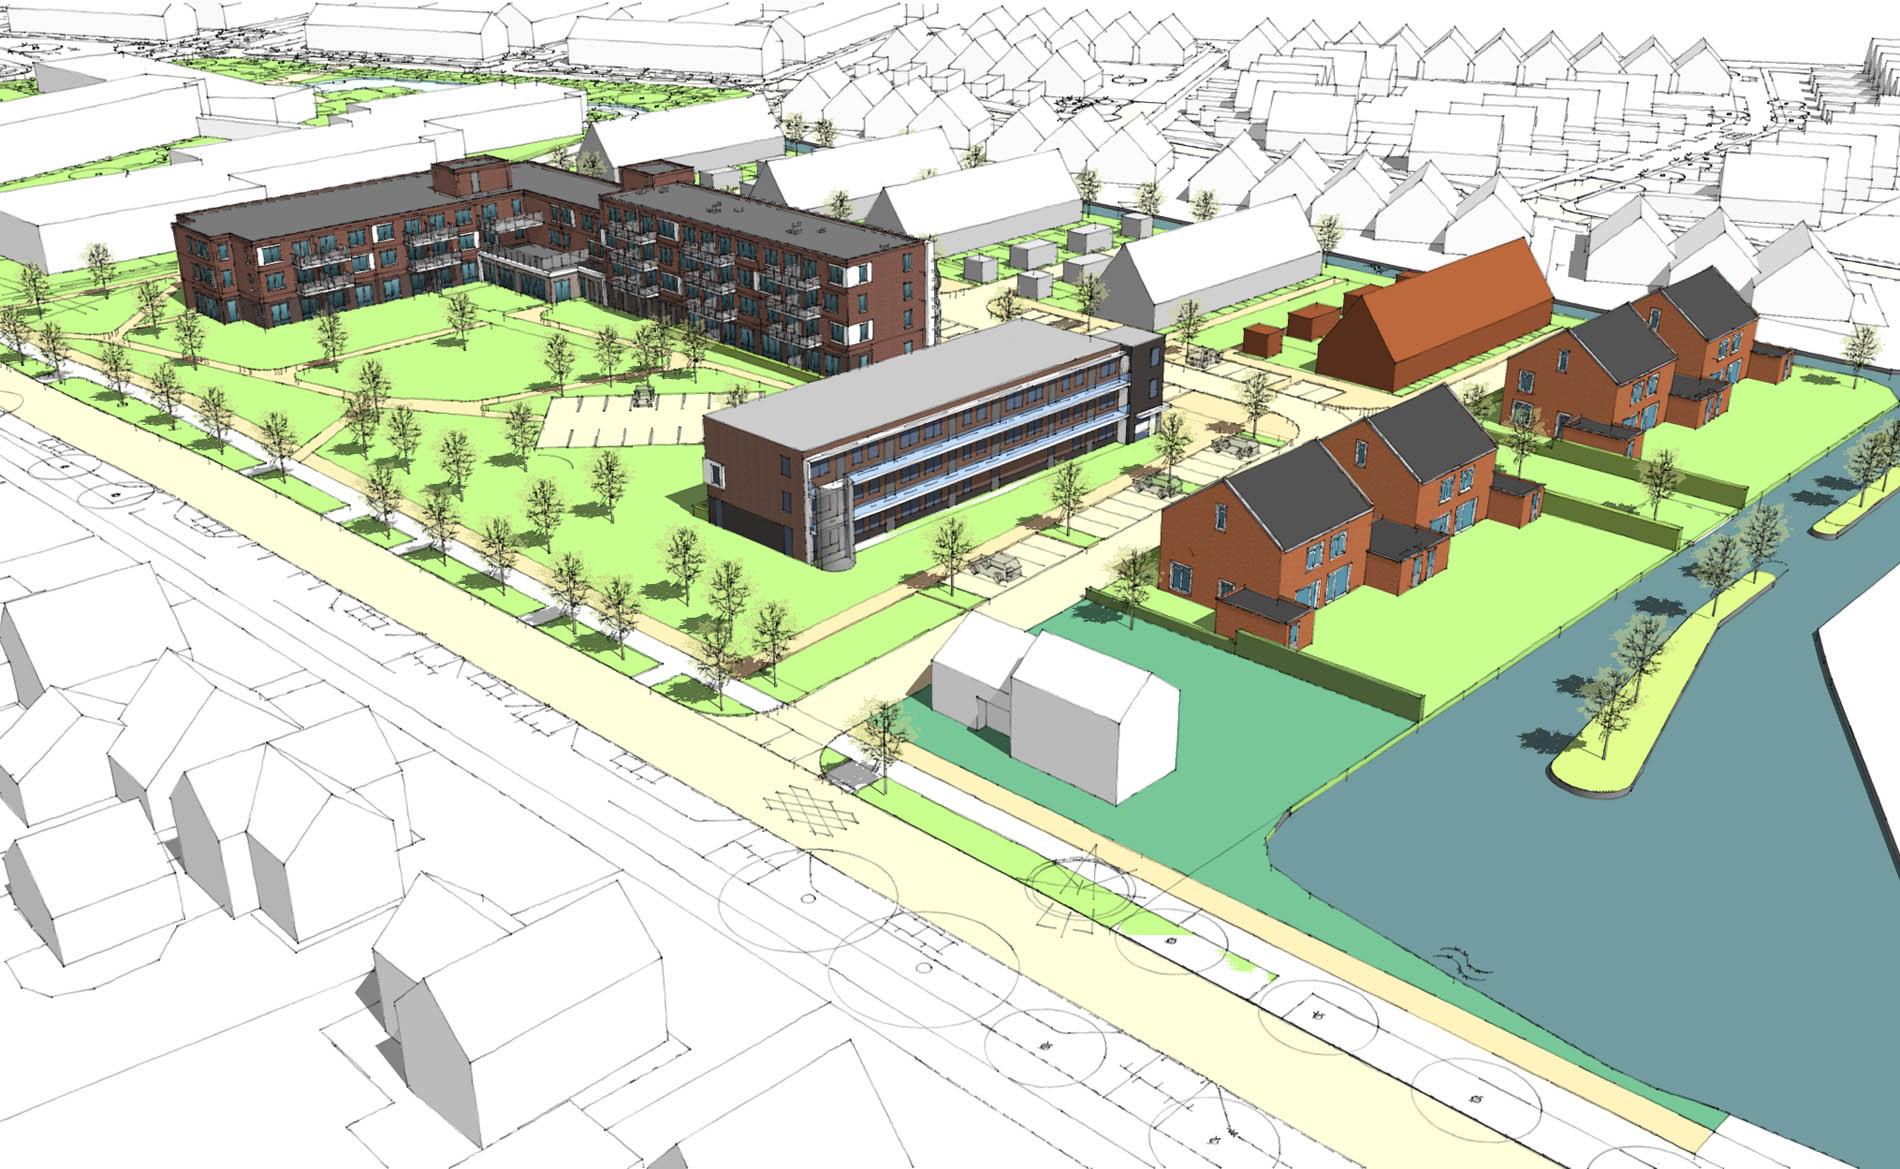 architect woningen woningbouw sociale huurwoningen 2-onde-1-kapwoningen appartementen Gerard Douplantsoen Heerhugowaard BBHD architecten architectuur